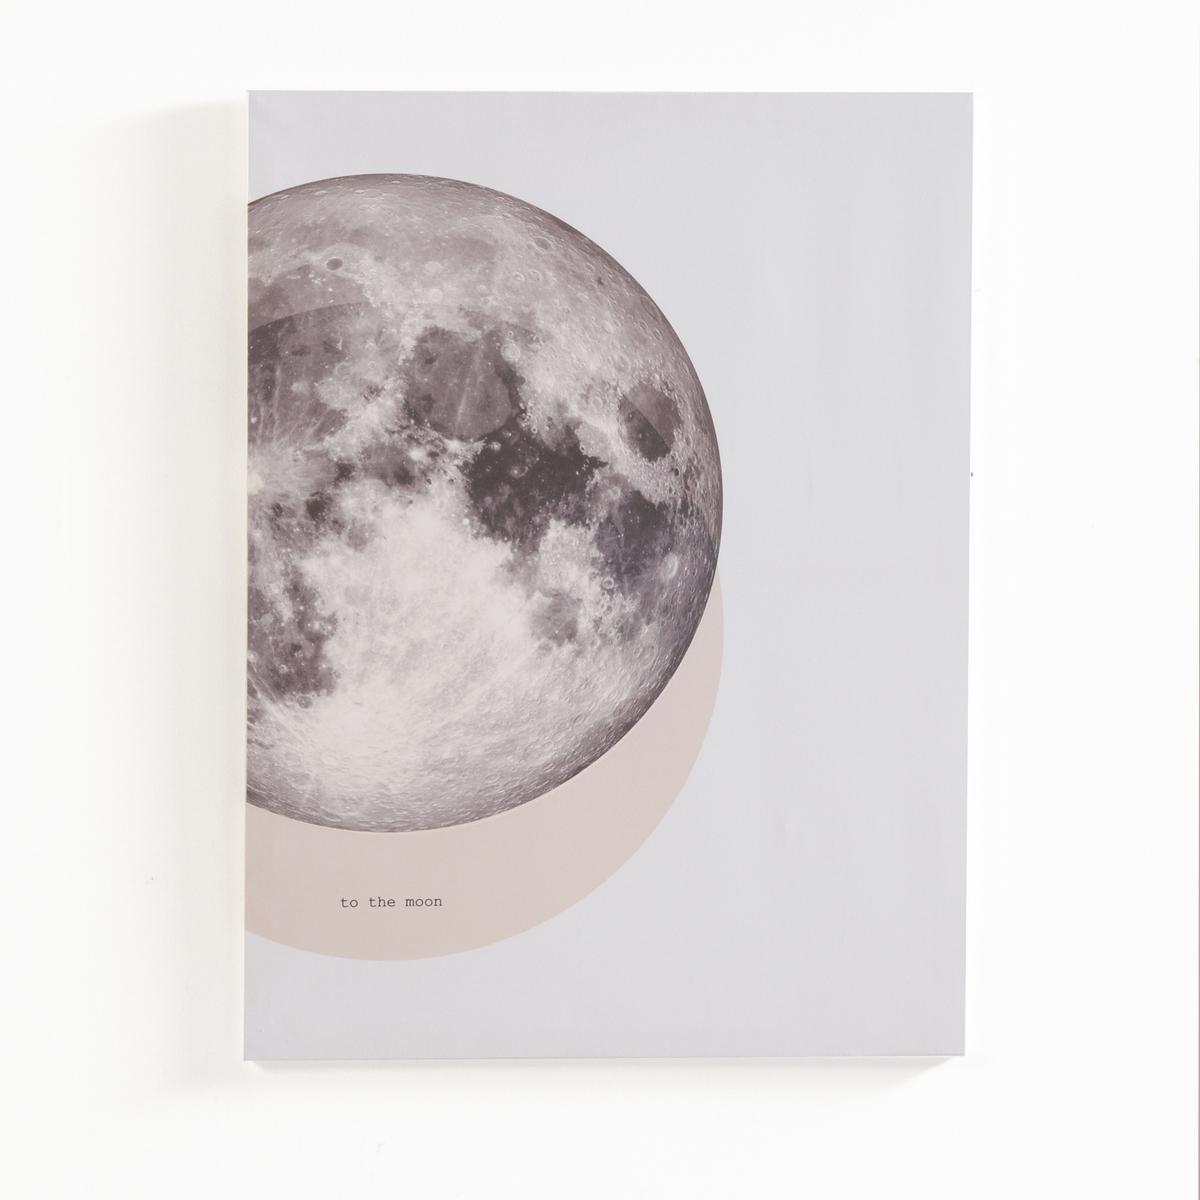 Картина с рисунком луны to the moonКартина с рисунком луны для поэтической атмосферы. Картина To the moon, рама из сосны.Характеристики картины To the Moon :Картина на холсте в раме из сосны. Крепится на стену.1 кронштейн для крепления на стену (винты и дюбели продаются отдельно)Размеры картины to the moon :Панно : В.80 x 60 x 1,8 см.<br><br>Цвет: серый/ розовый